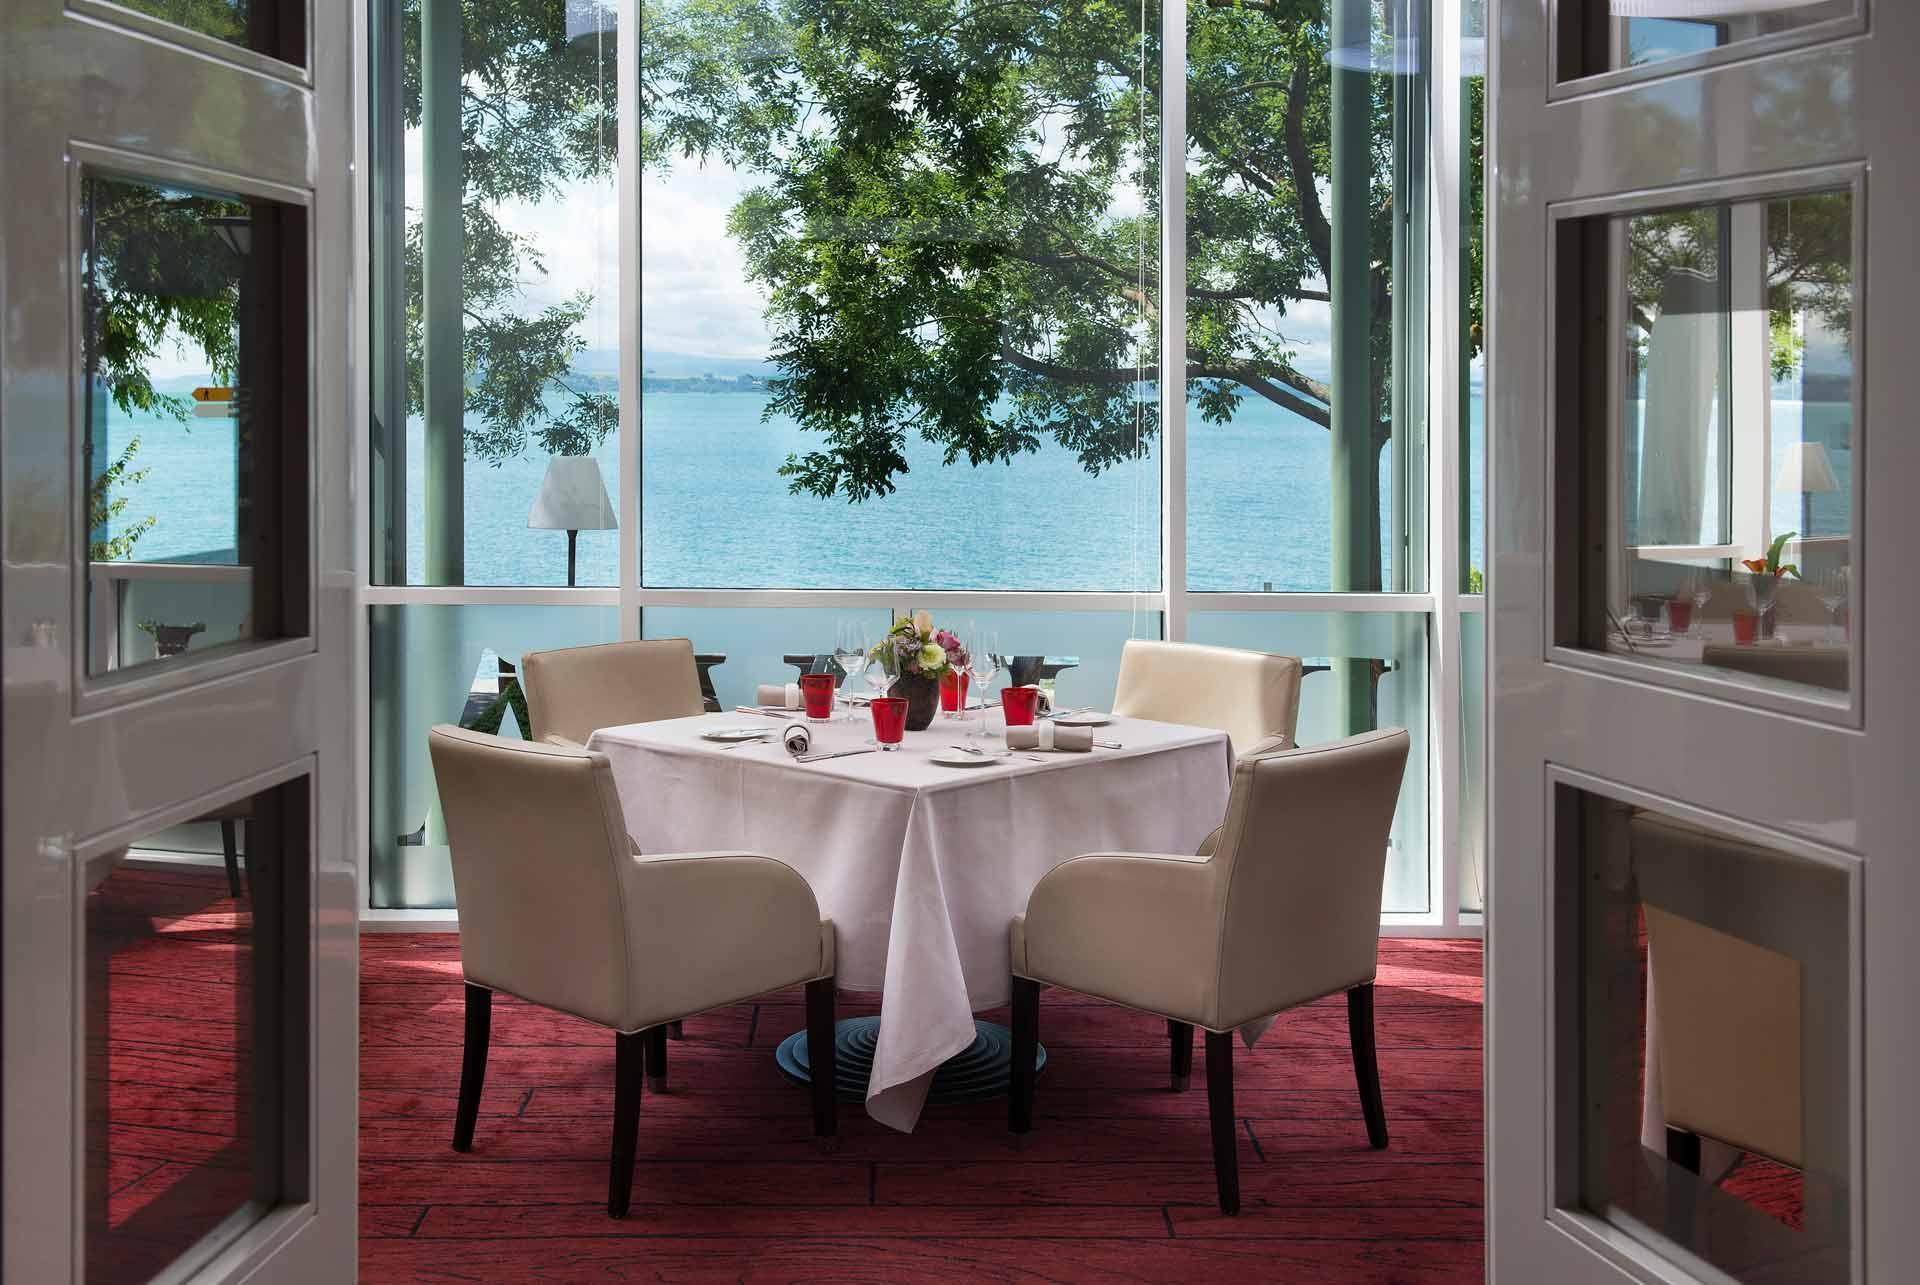 Beau-Rivage hôtel, Neuchâtel | Neuchâtel Tourisme (Suisse) | Brunch